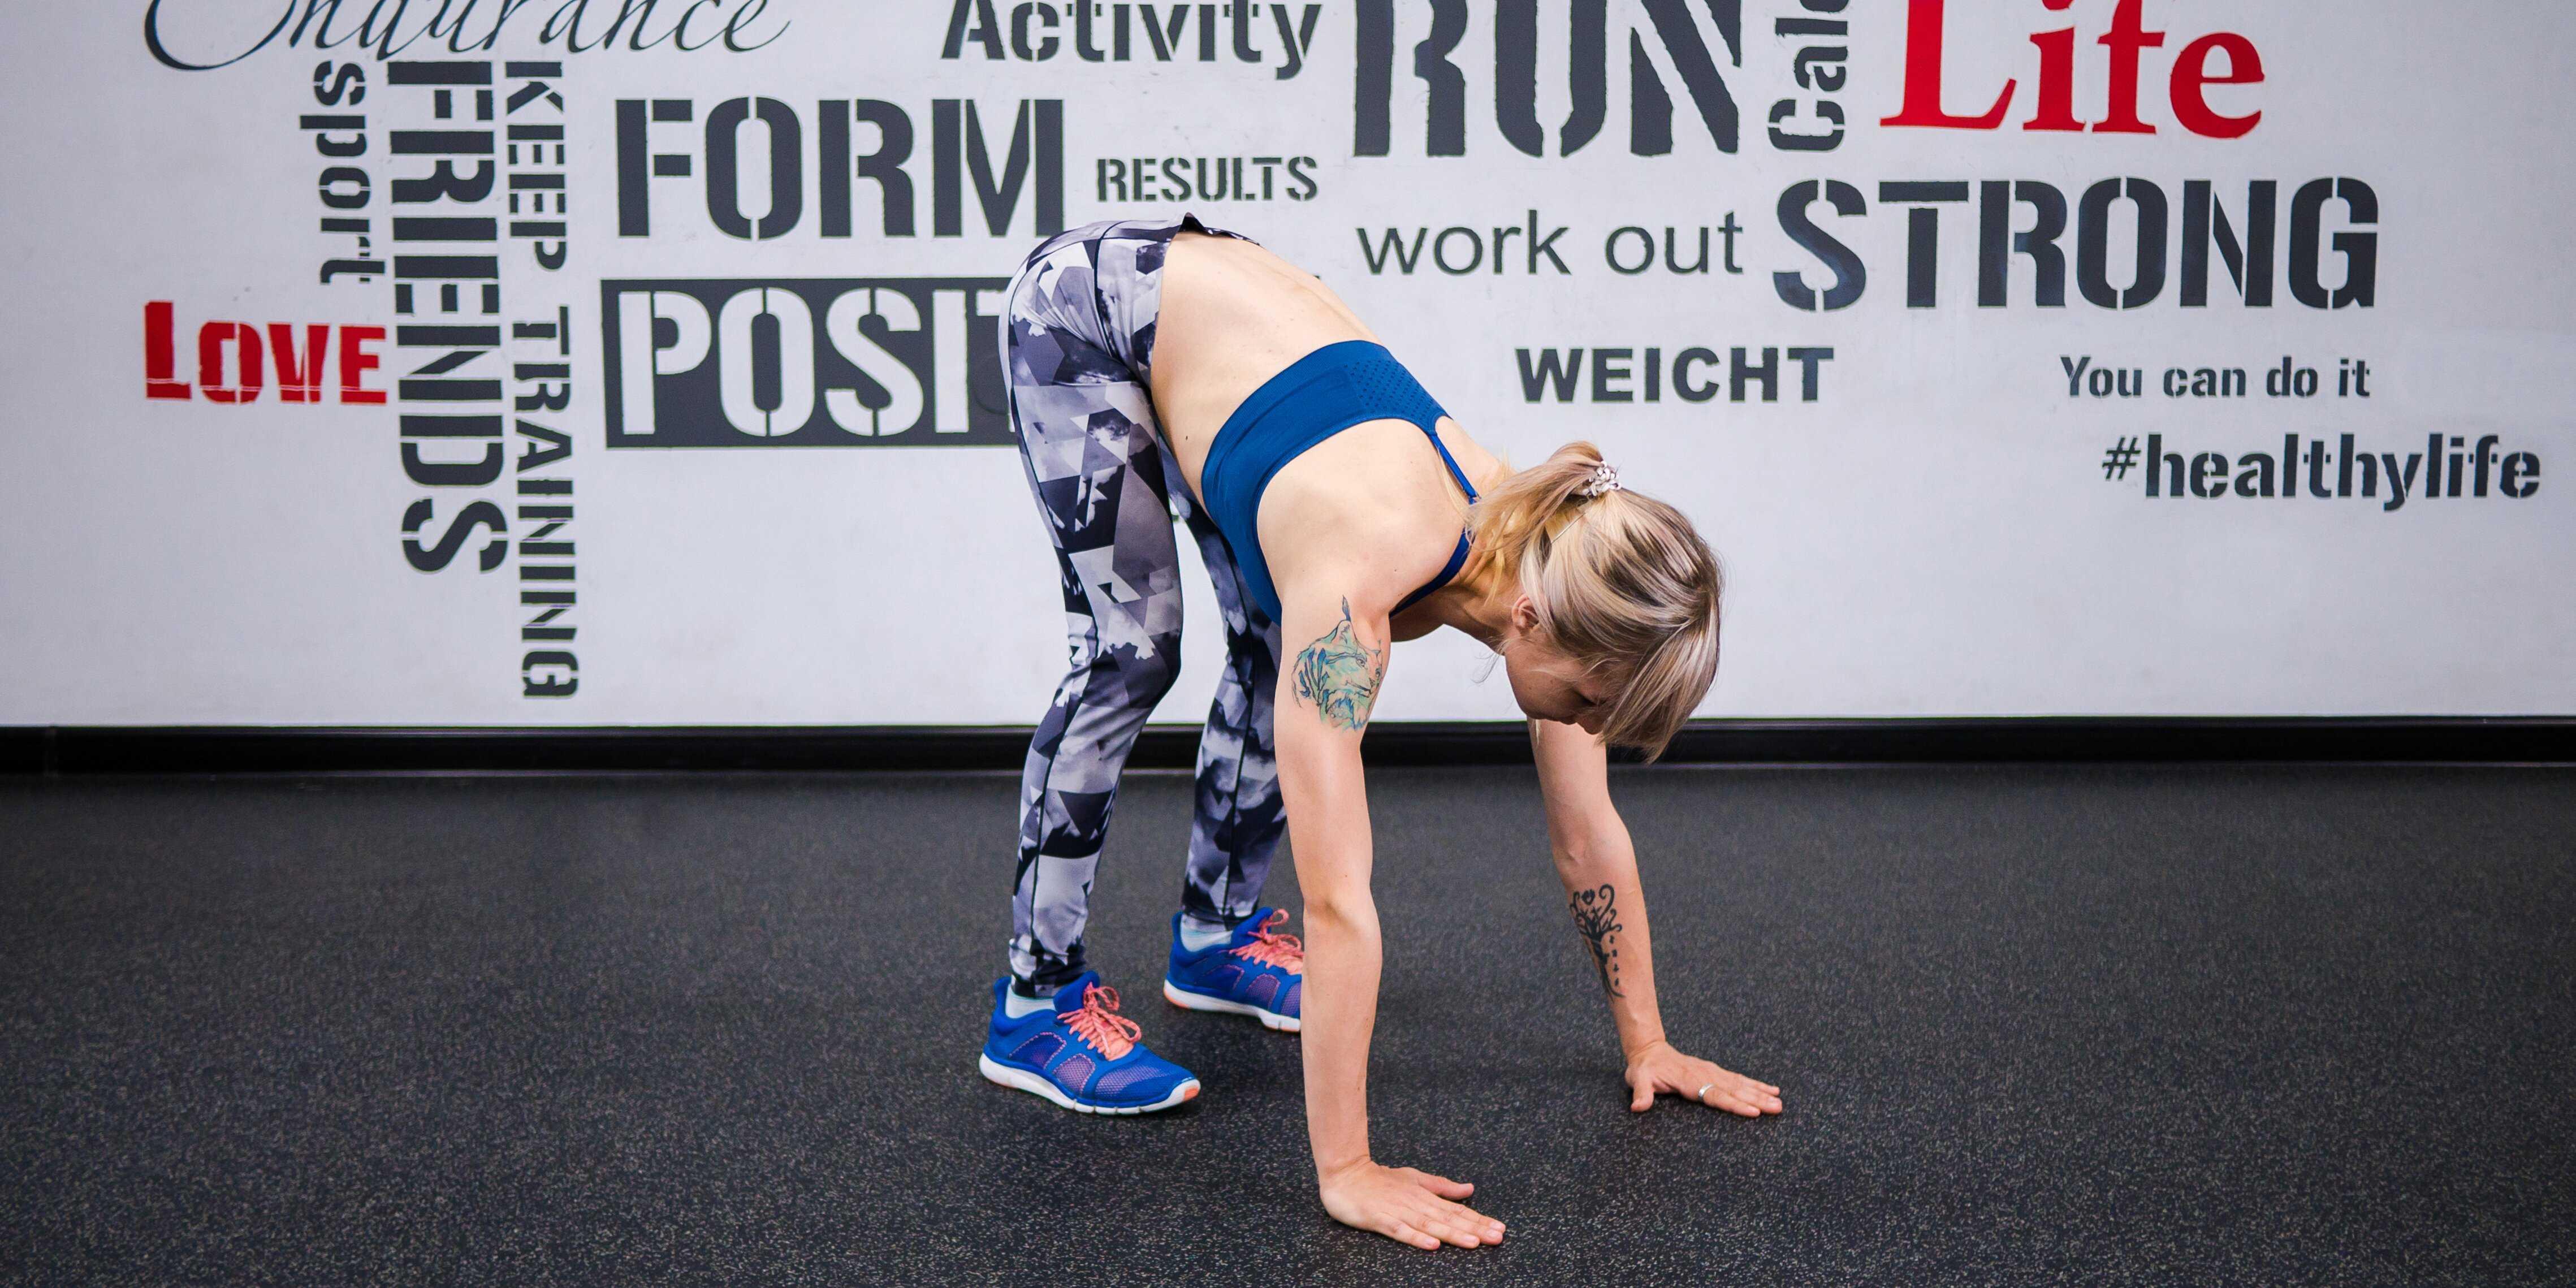 Это вариант быстрой интенсивной табата-тренировки для похудения или тонуса тела на 10 минут без инвентаря Вас ждет 2 раунда и 14 упражнений без повторов